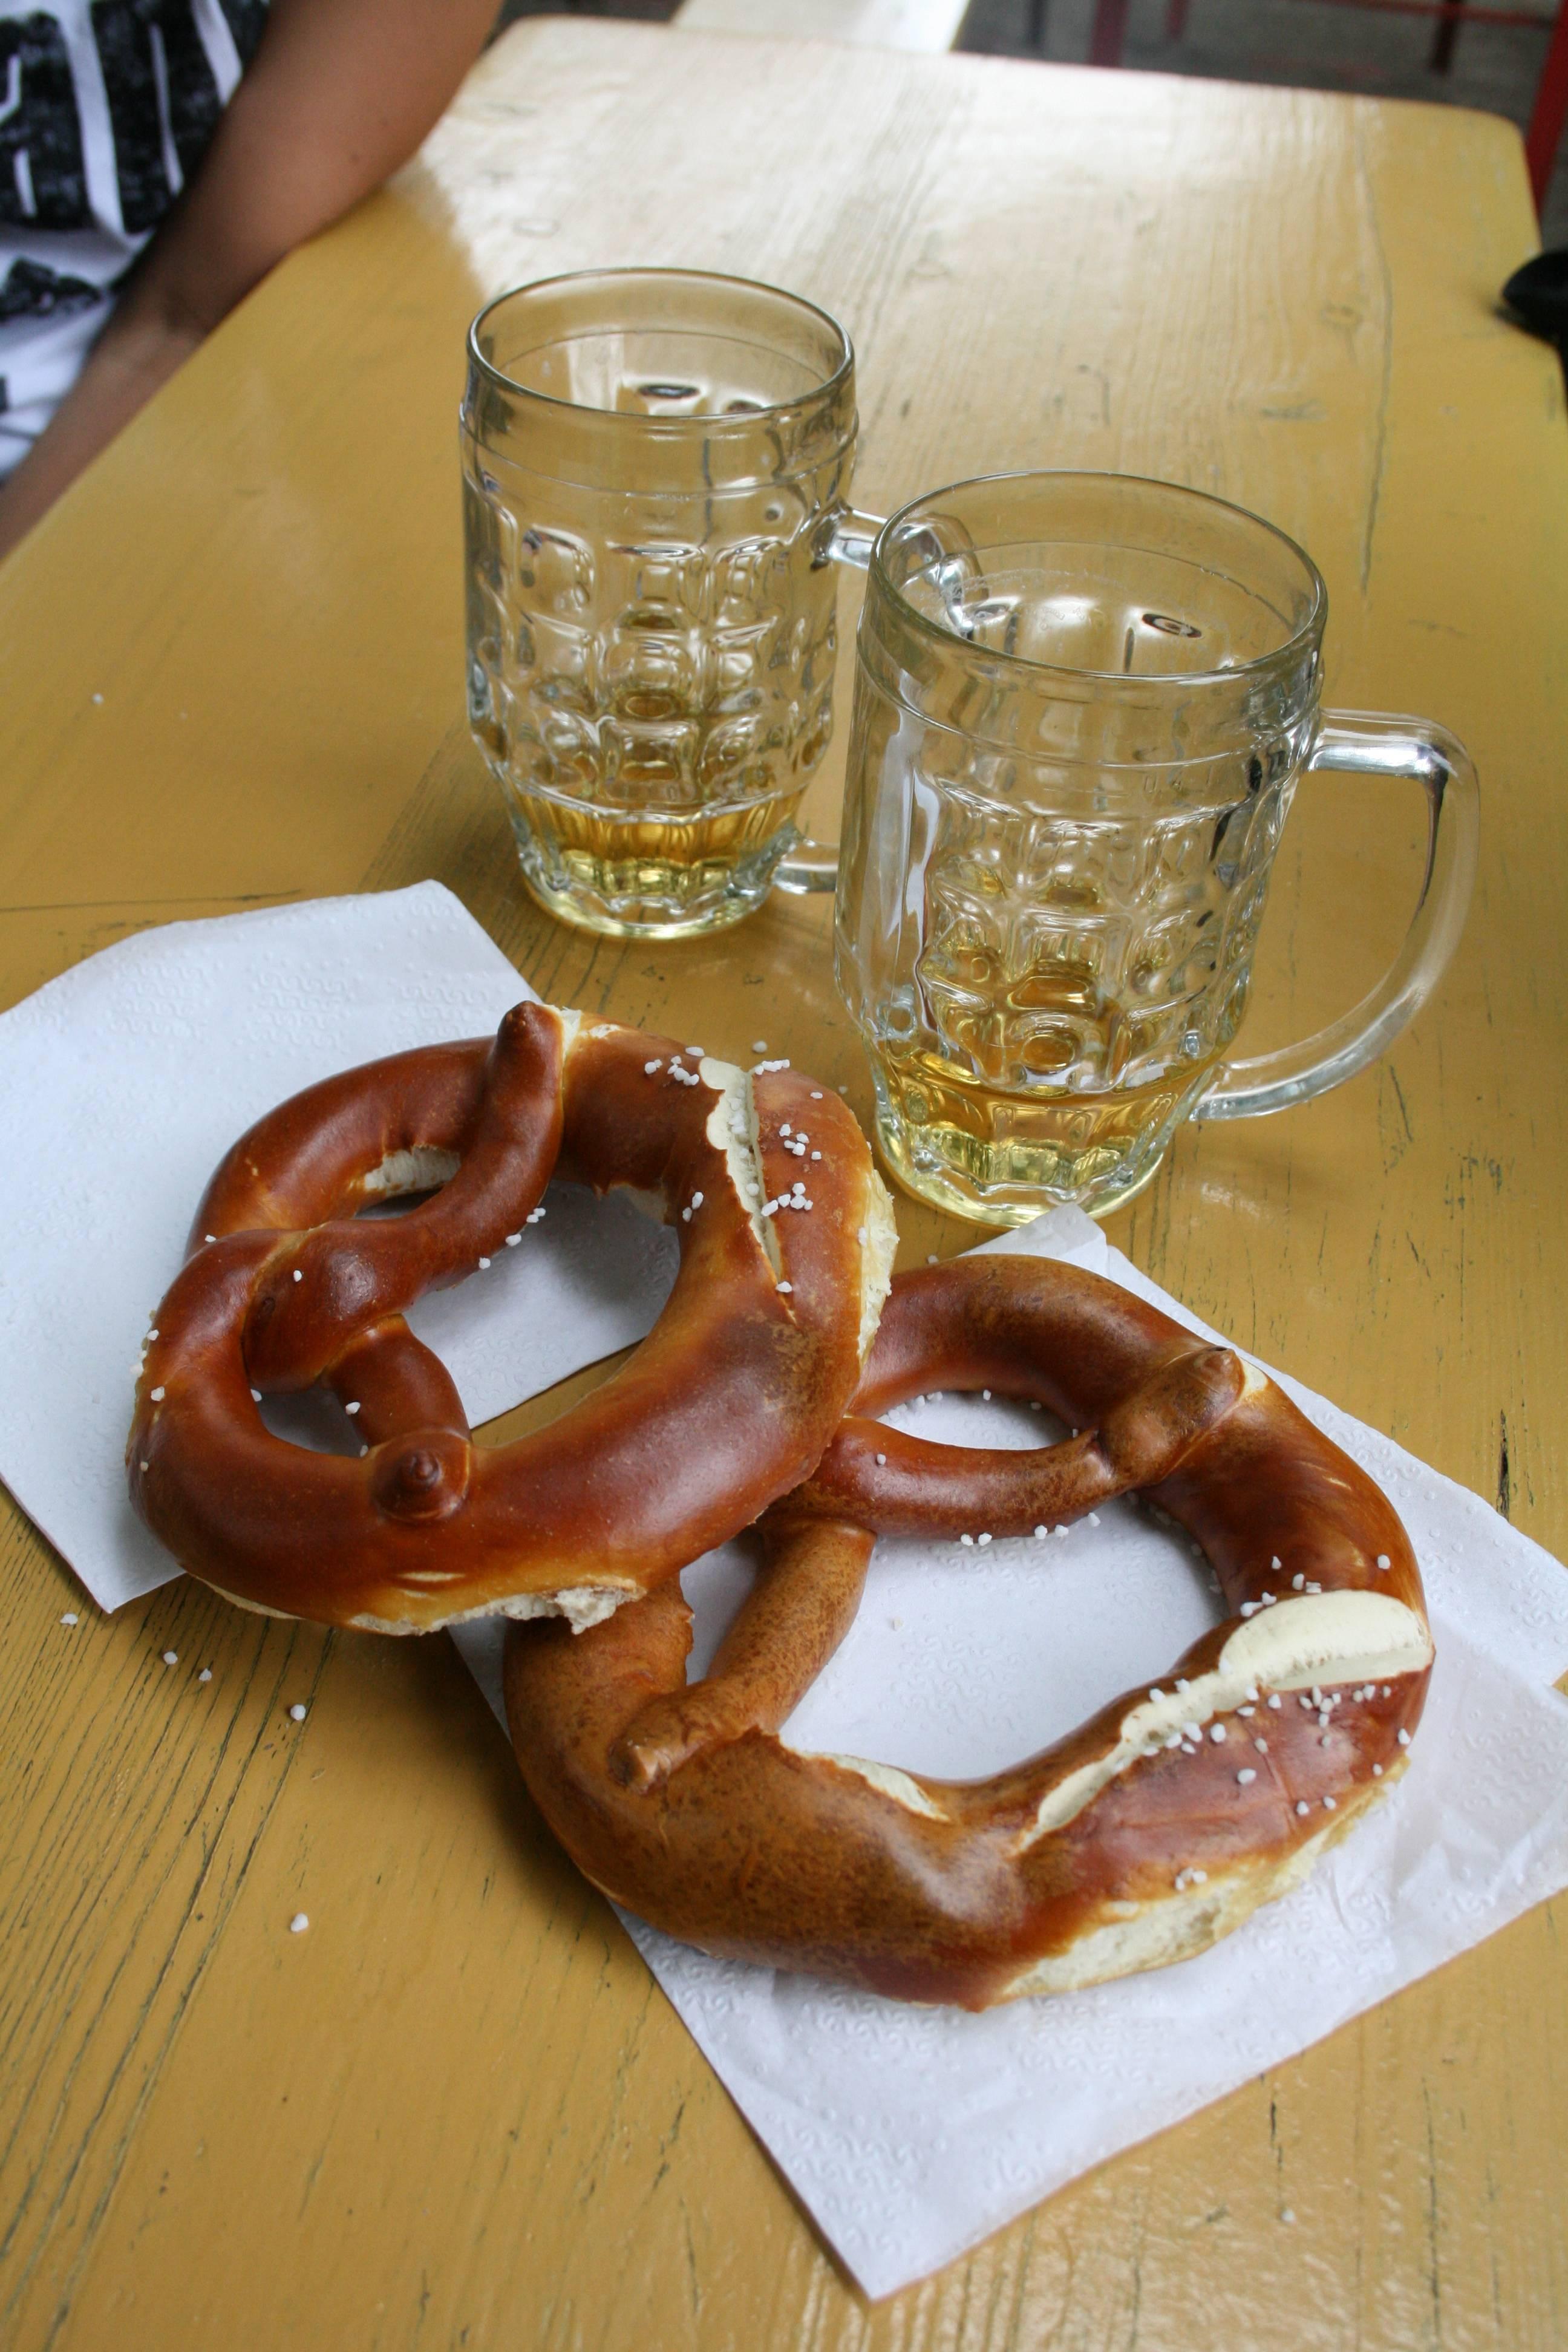 Photo 3: Prater Biergarten : bières et bretzels dans une ambiance conviviale